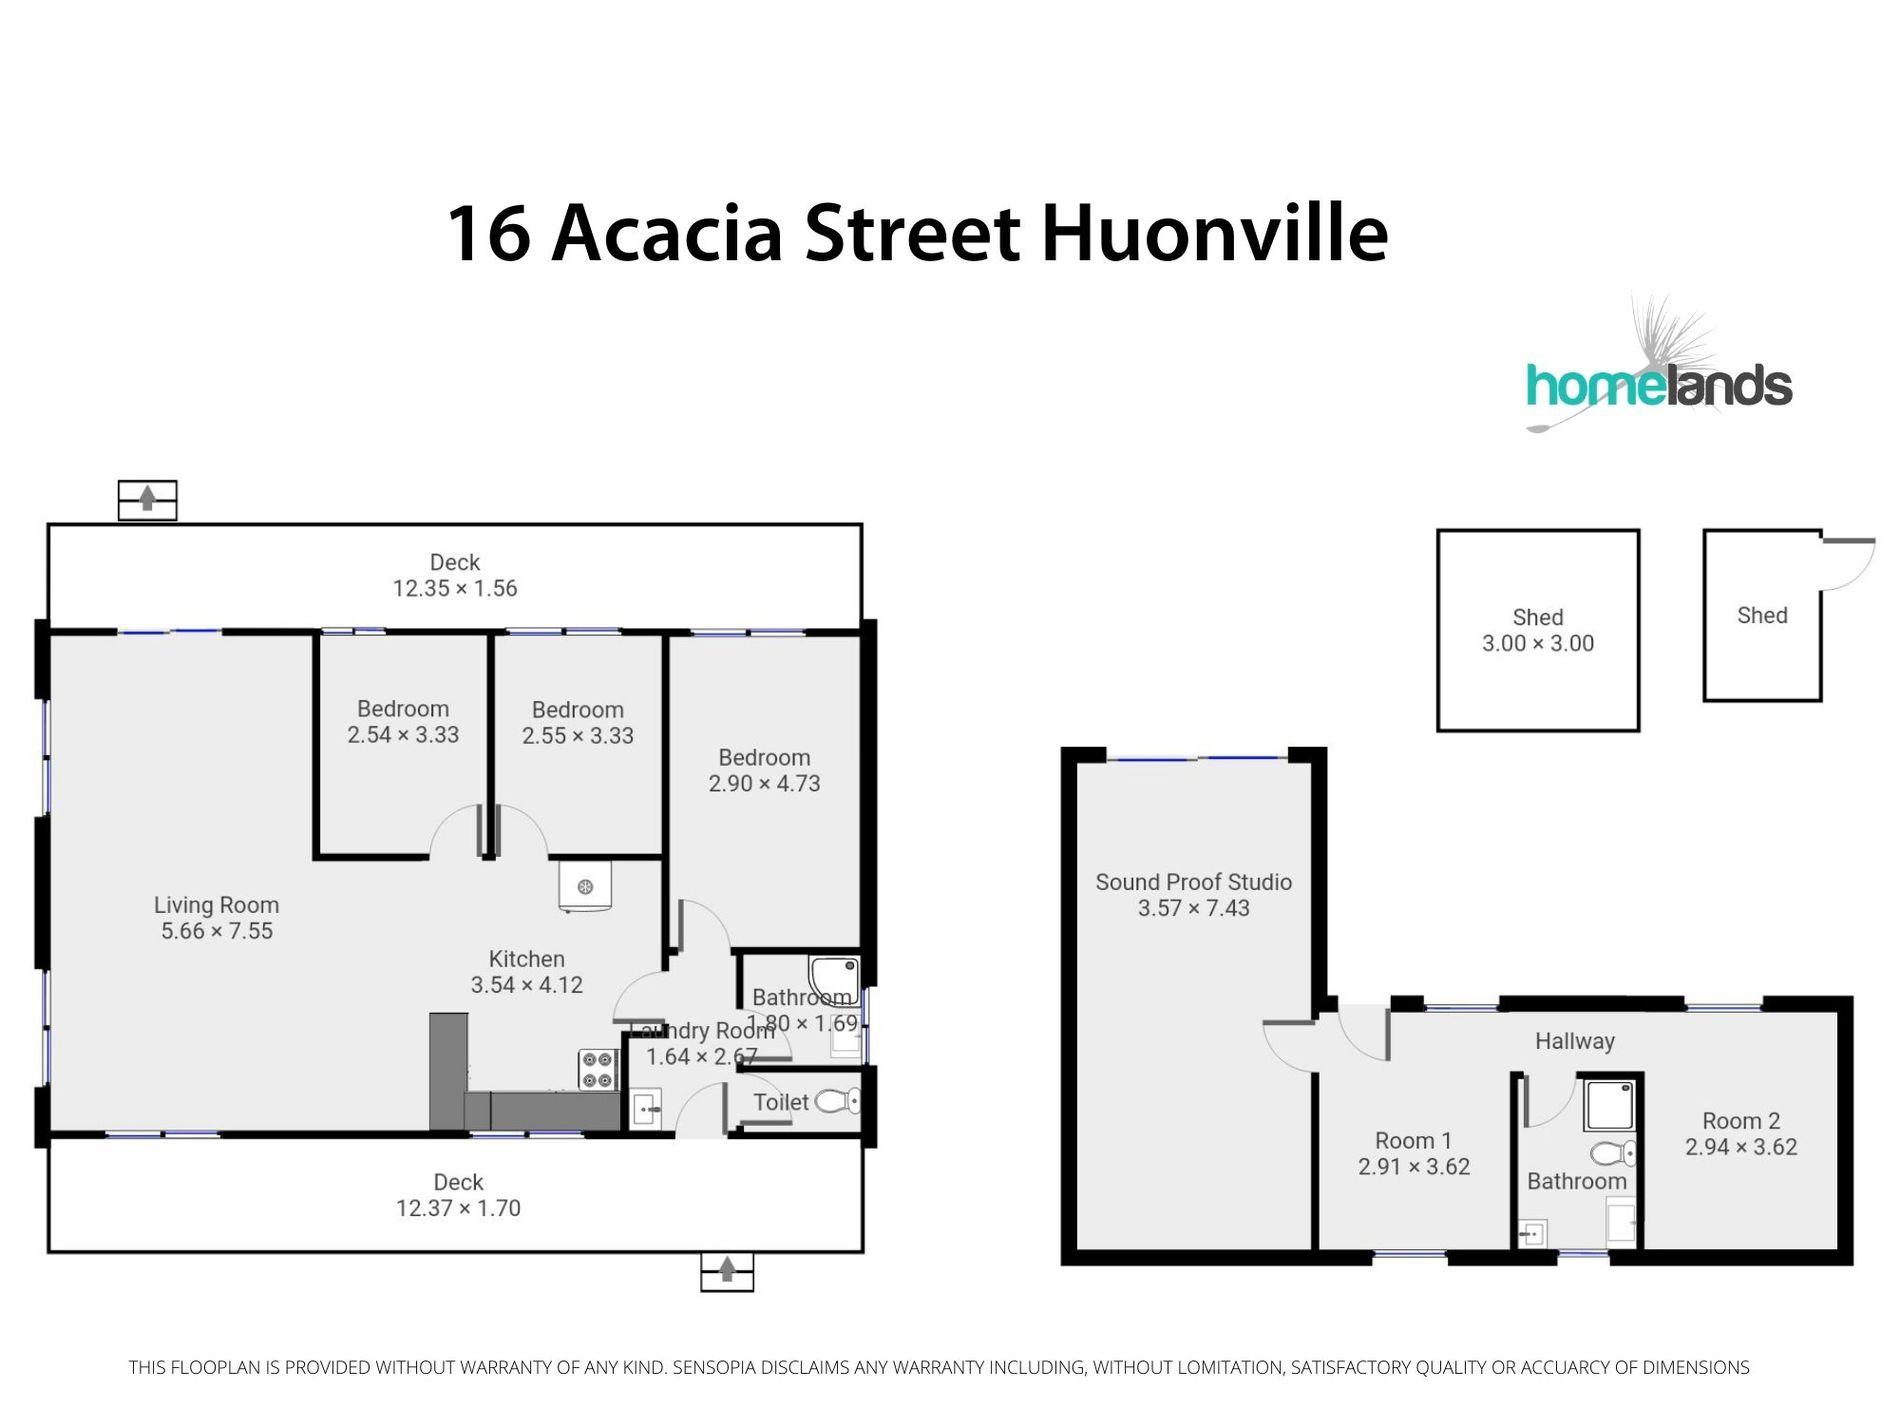 16 Acacia Street, Huonville